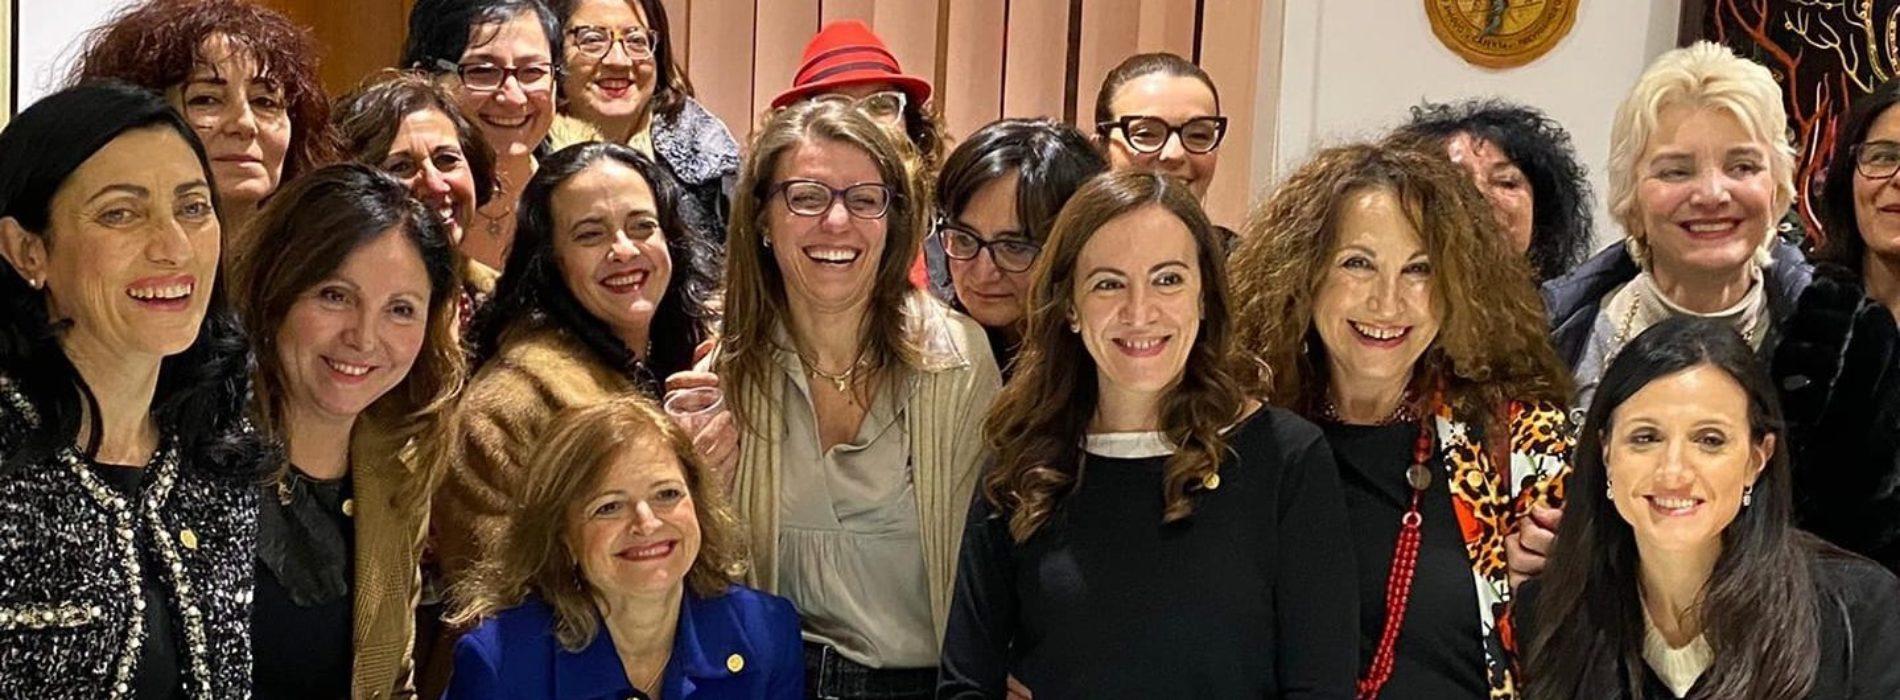 Nasce a Caserta l'Associazione Italiana Donne Medico